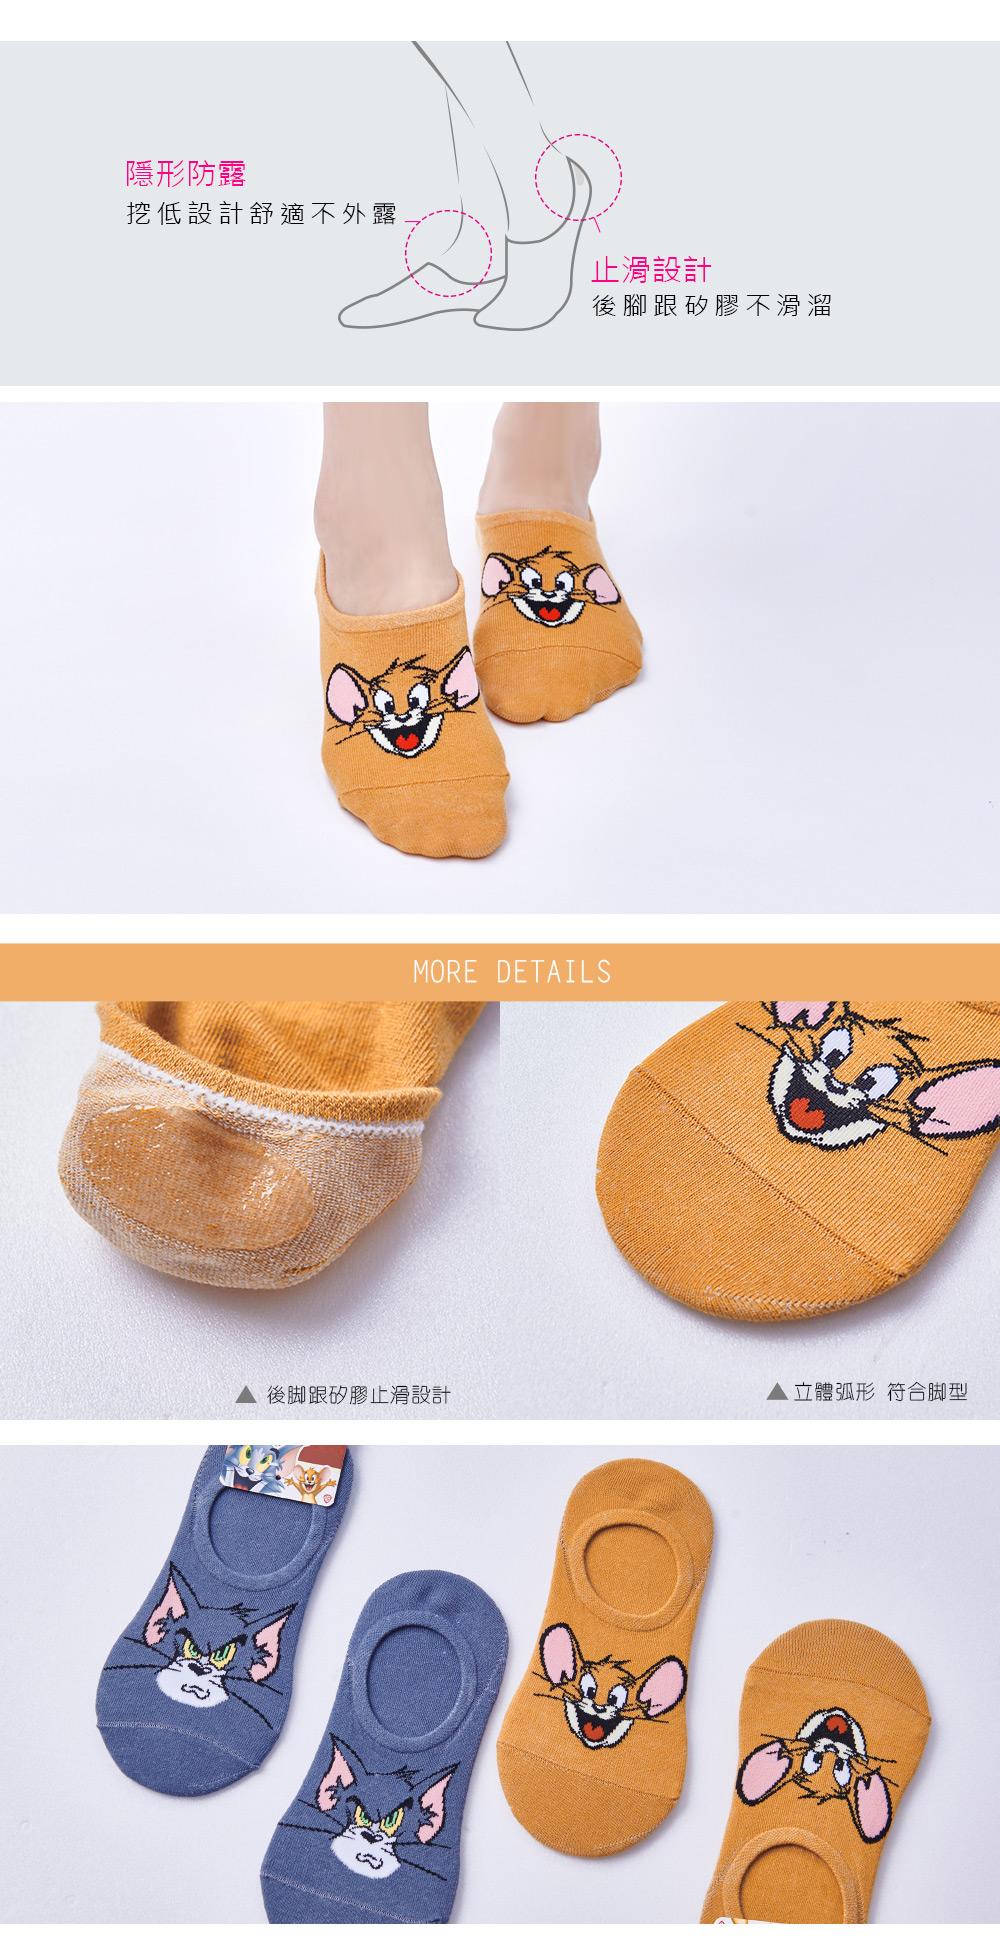 湯姆貓與傑利鼠套版船襪-01